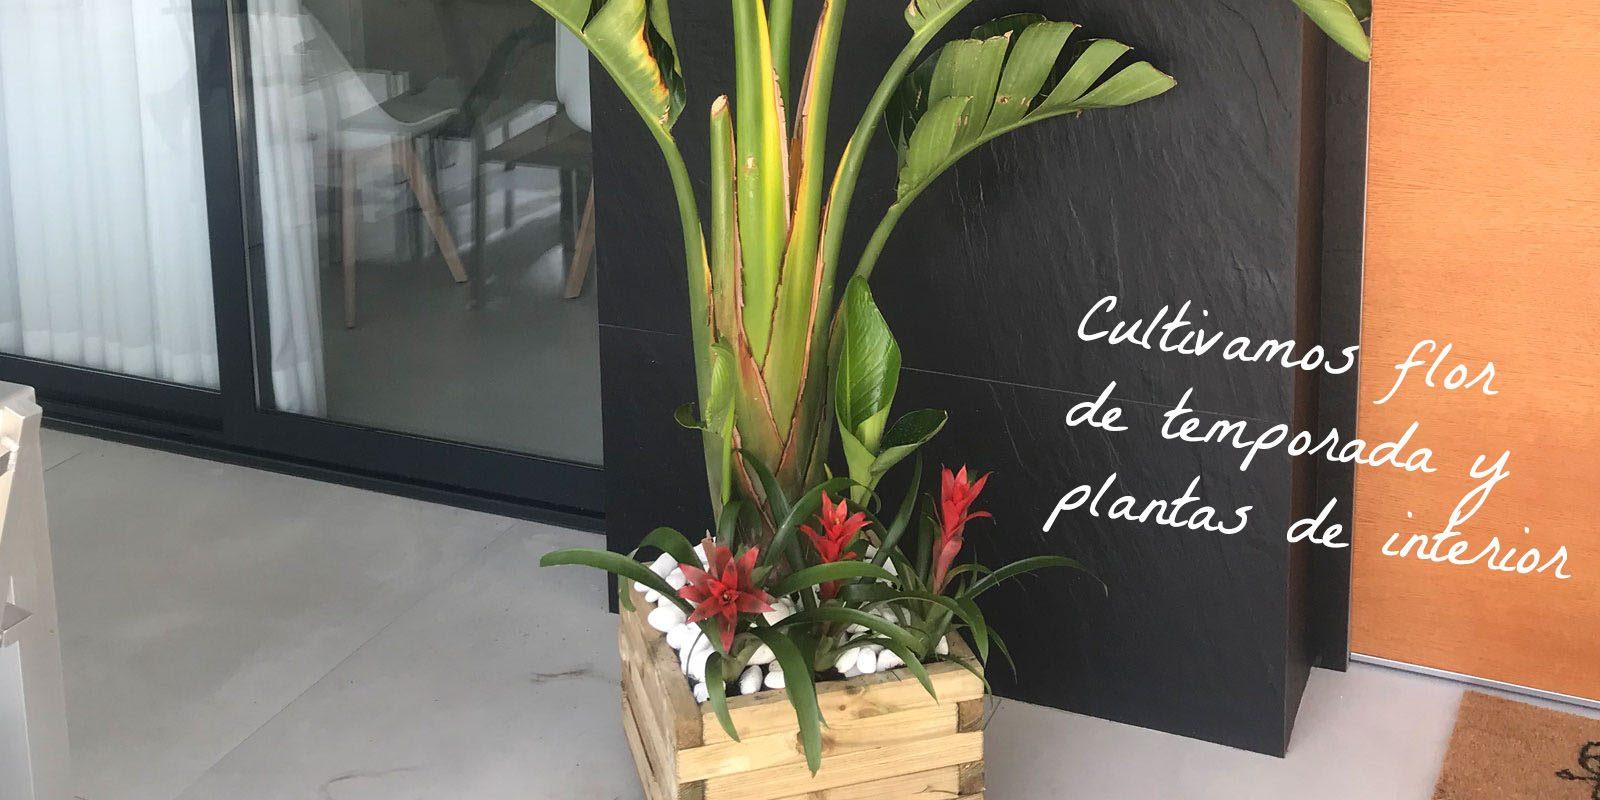 Cultivamos flor de temporada y flores de interior